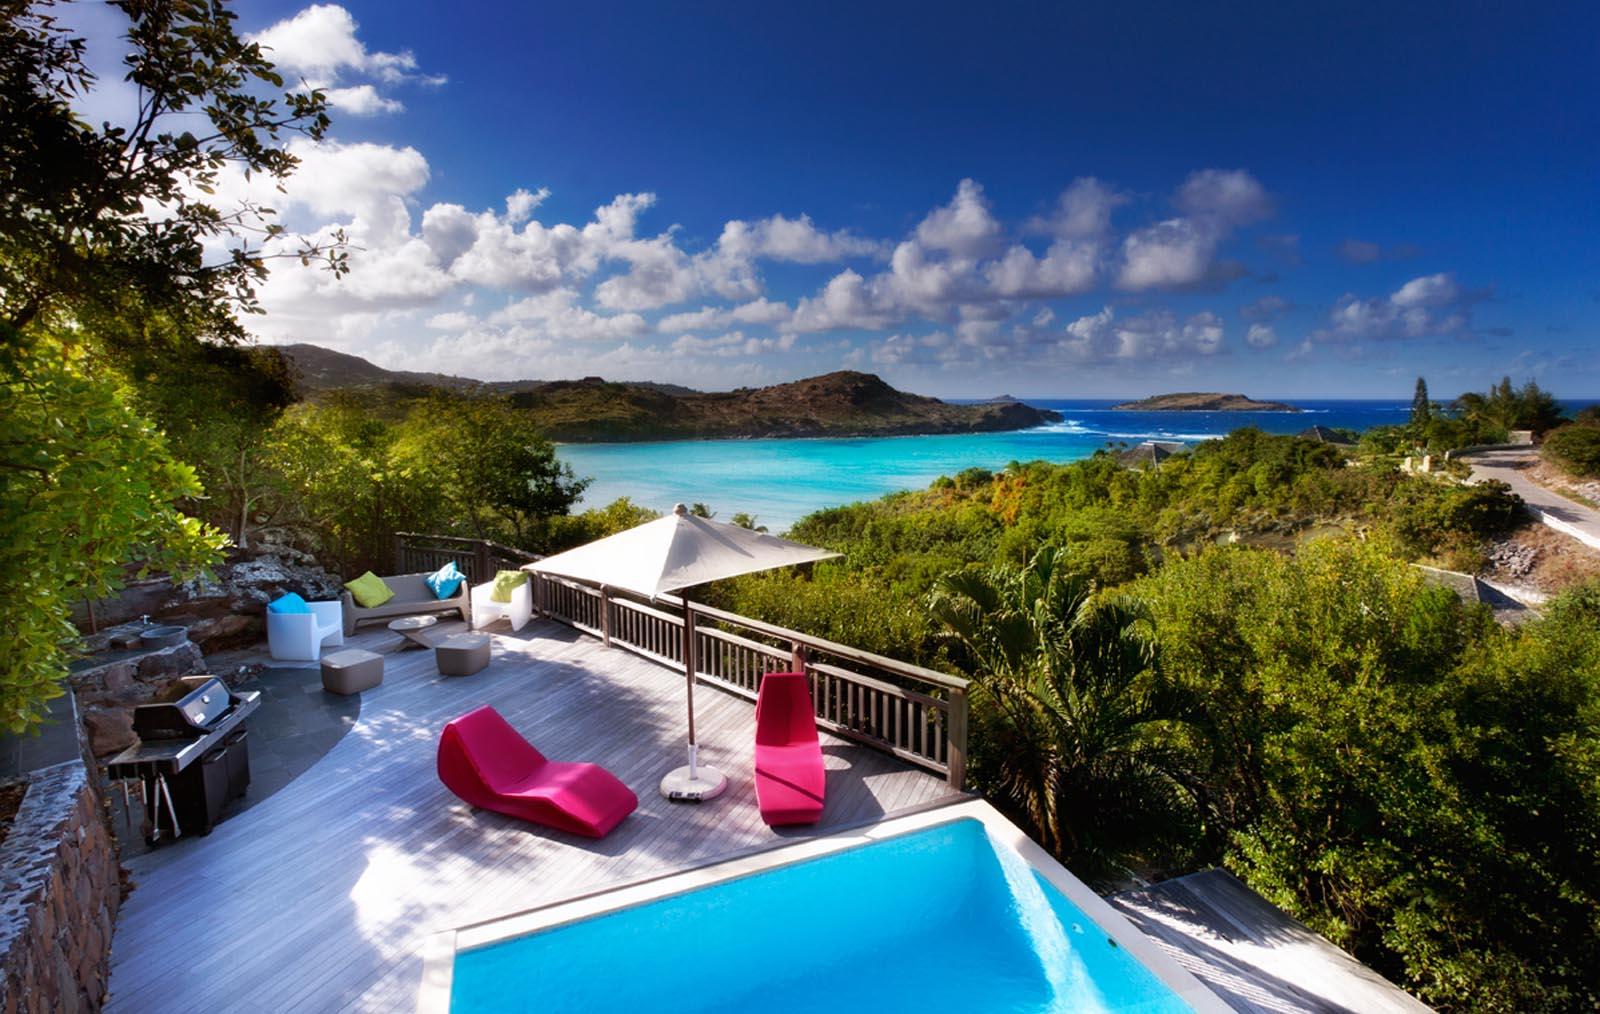 caribique villa rentals expands into the st barts luxury villa